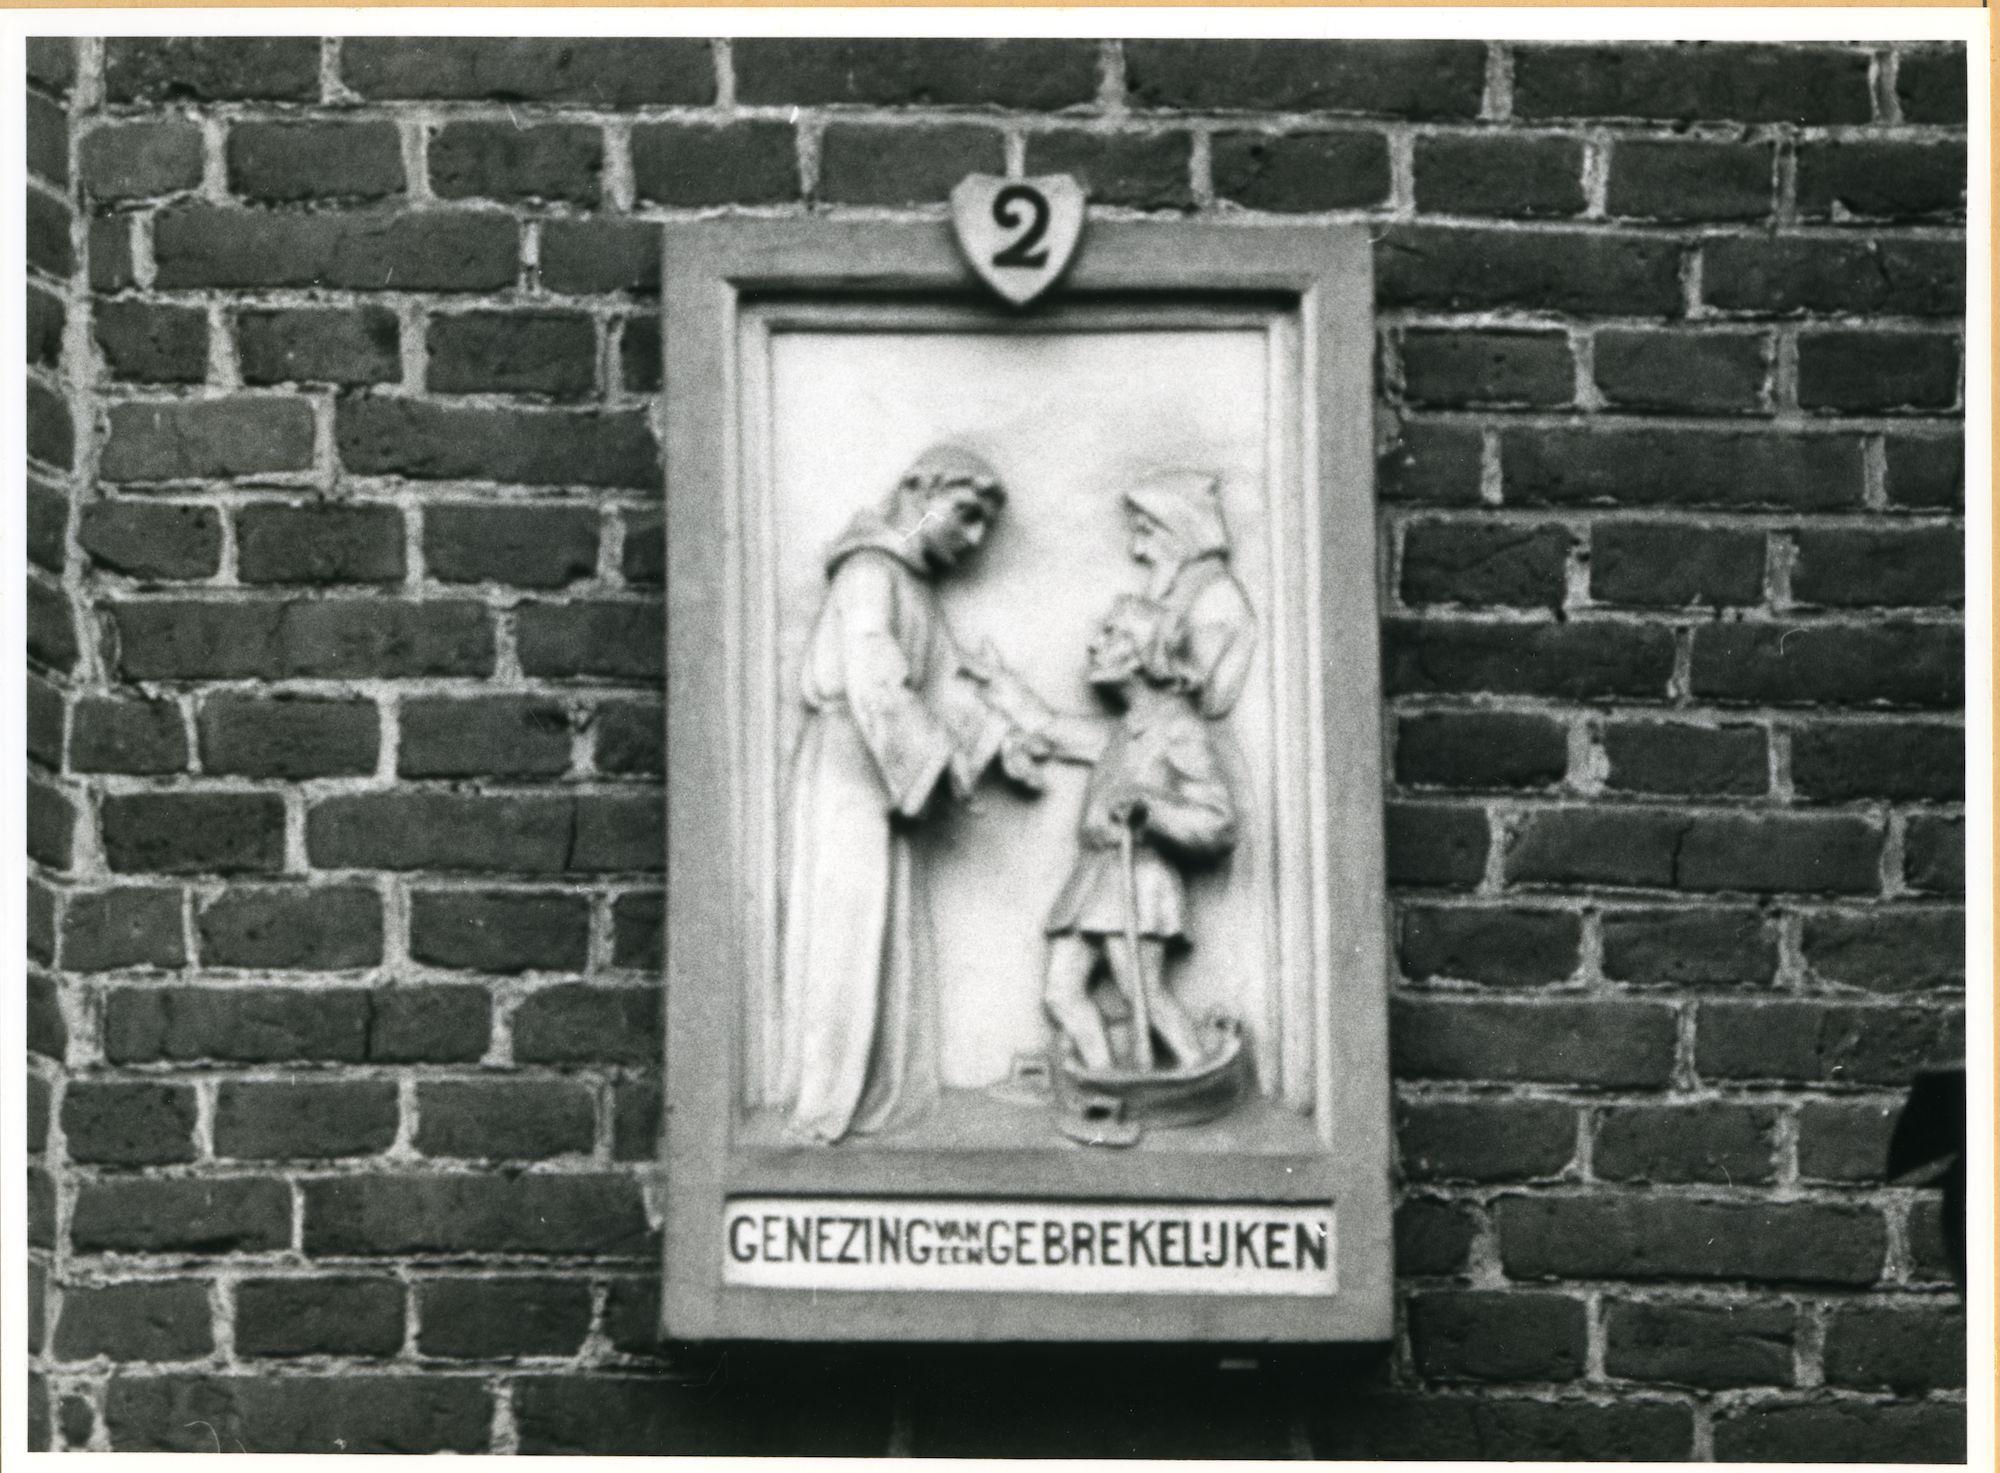 Drongen: Baarledorpstraat: Staties, 1979